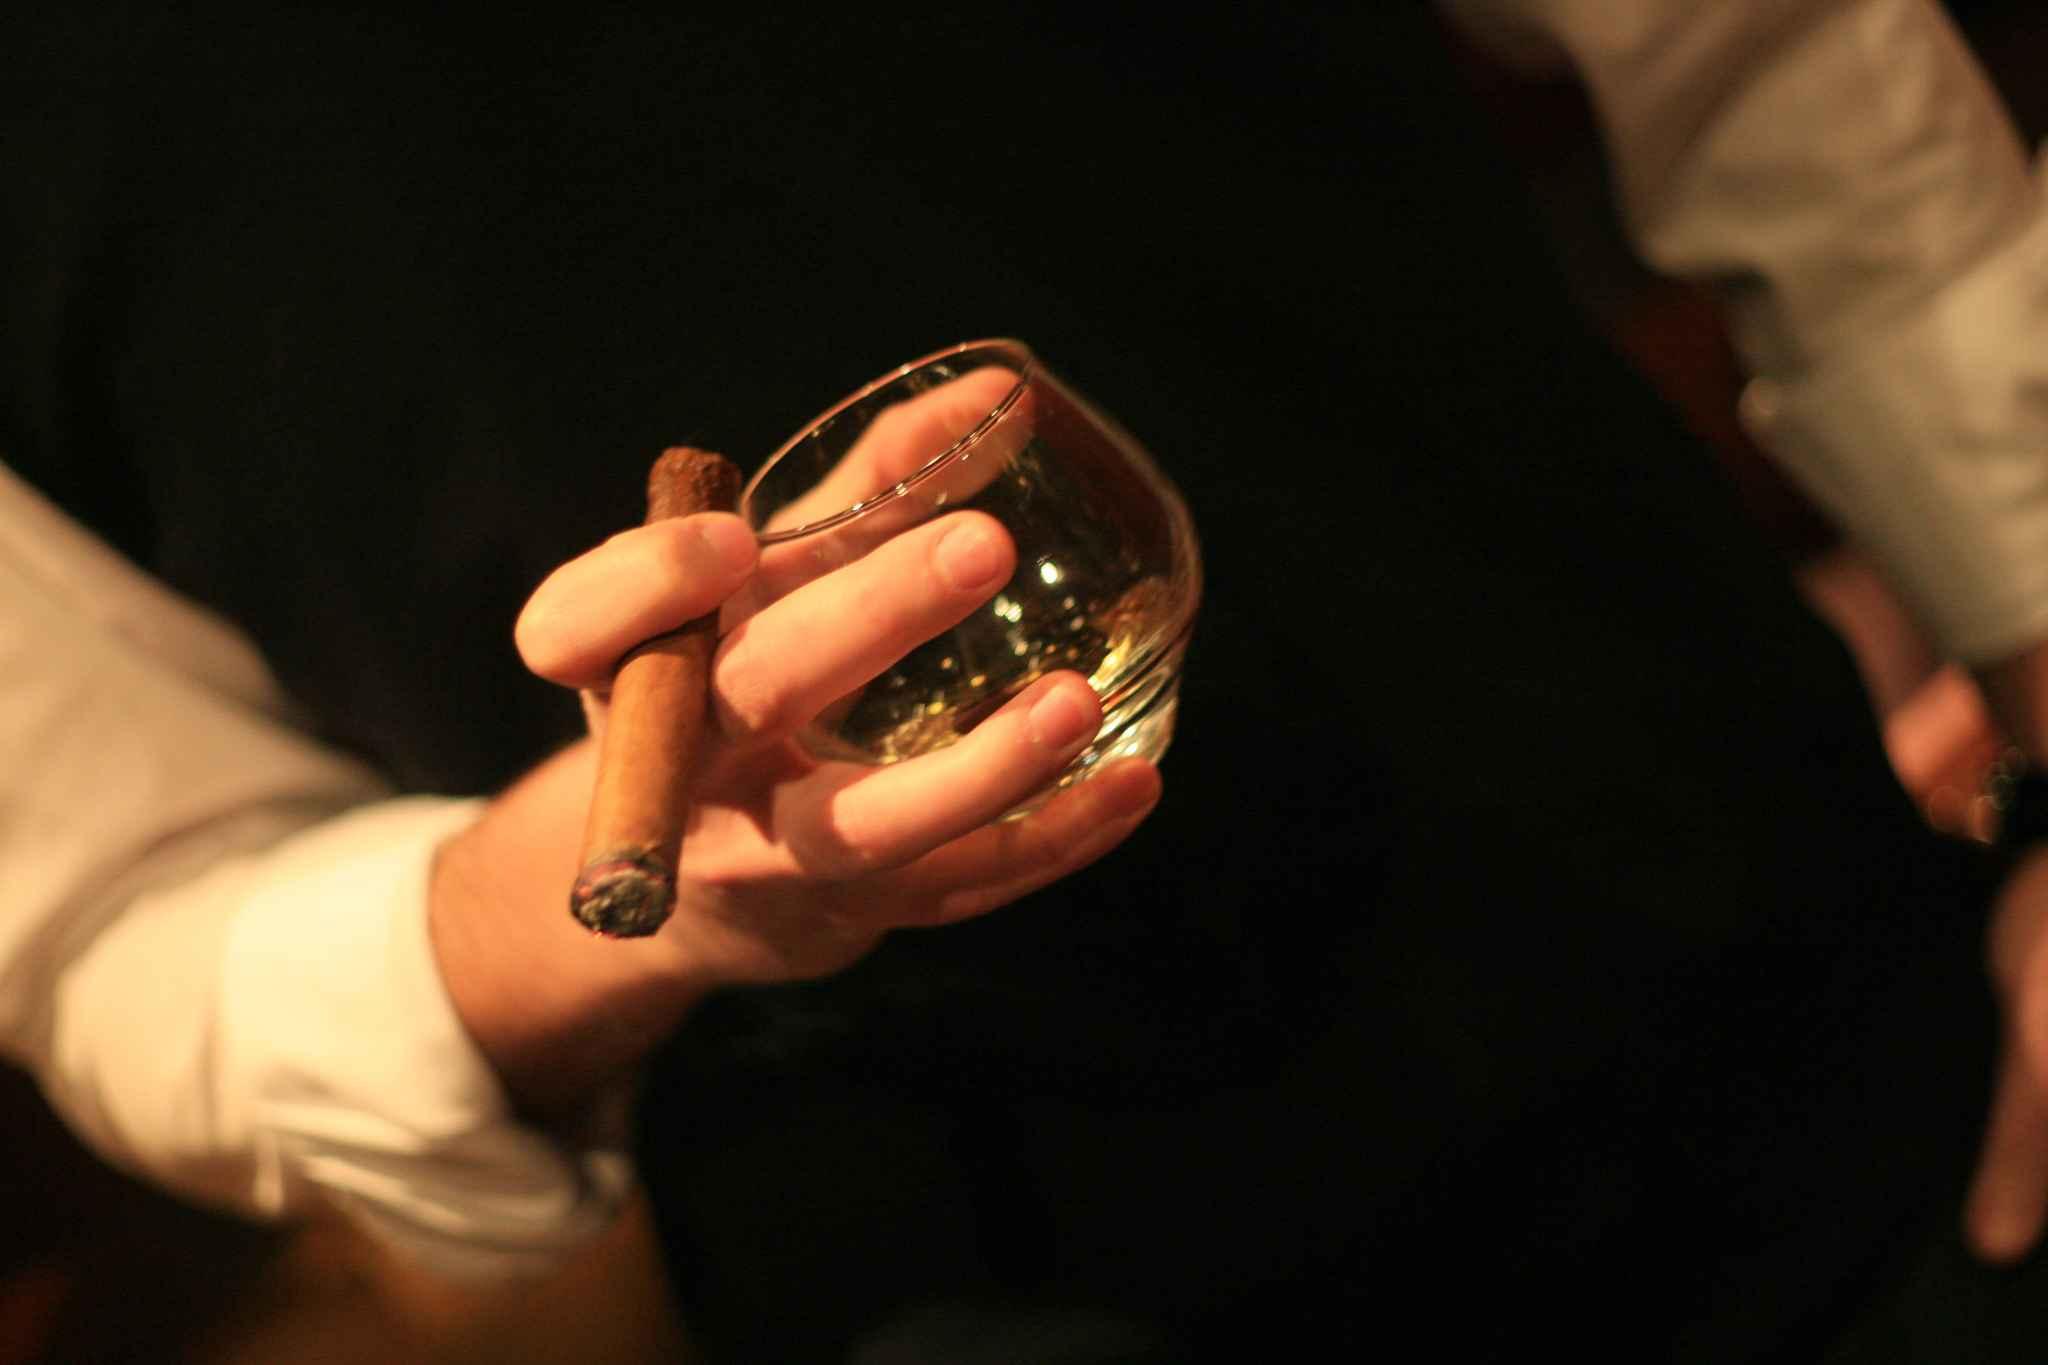 2048x1536-fit_homme-avec-cigare-soiree-cigares-dans-un-bar-restaurant-toulousain-interdiction-de-fumer-dans-les.jpg